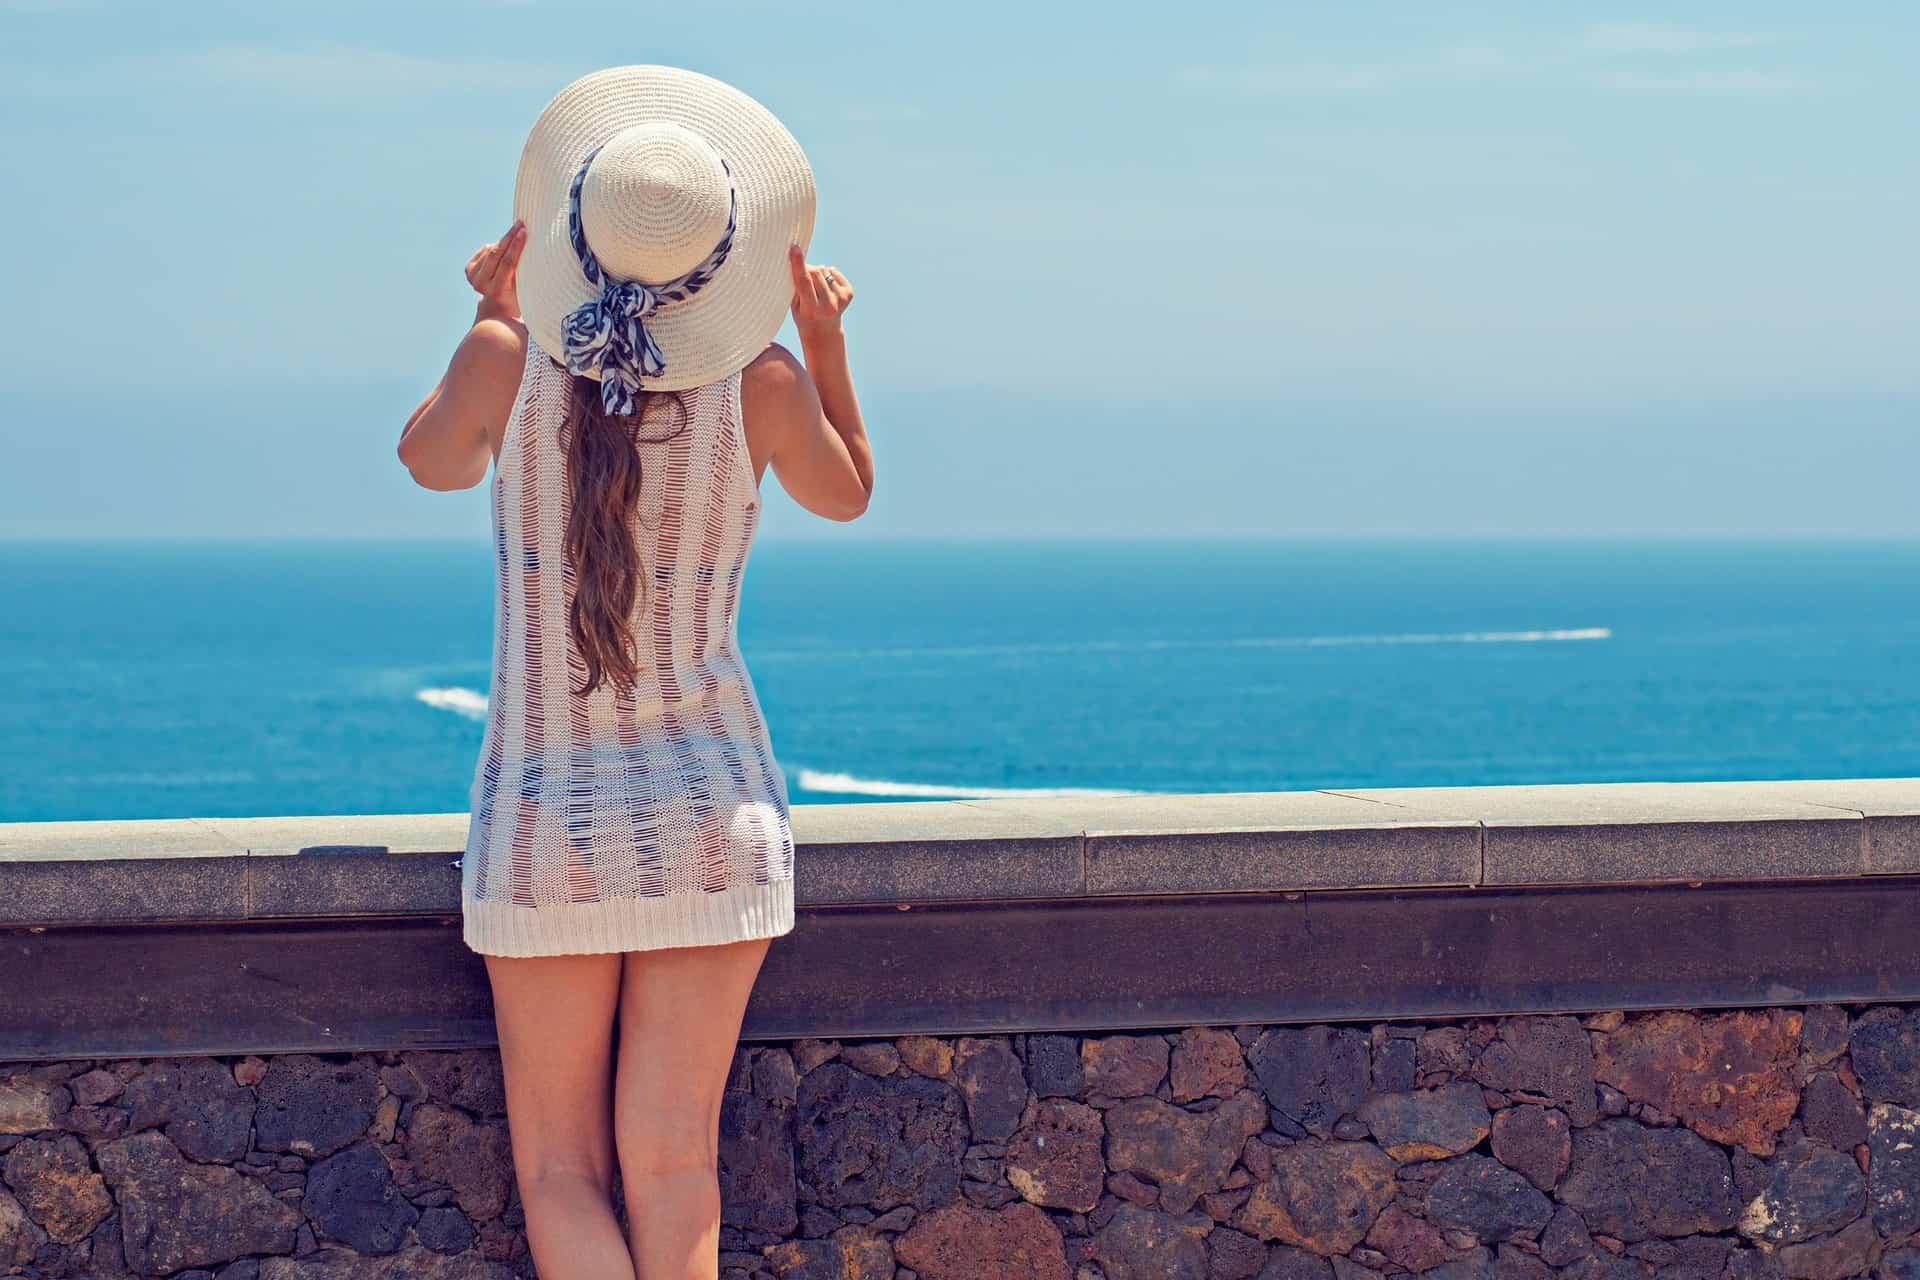 Mulher com saída de praia e chapéu olhando para o mar.